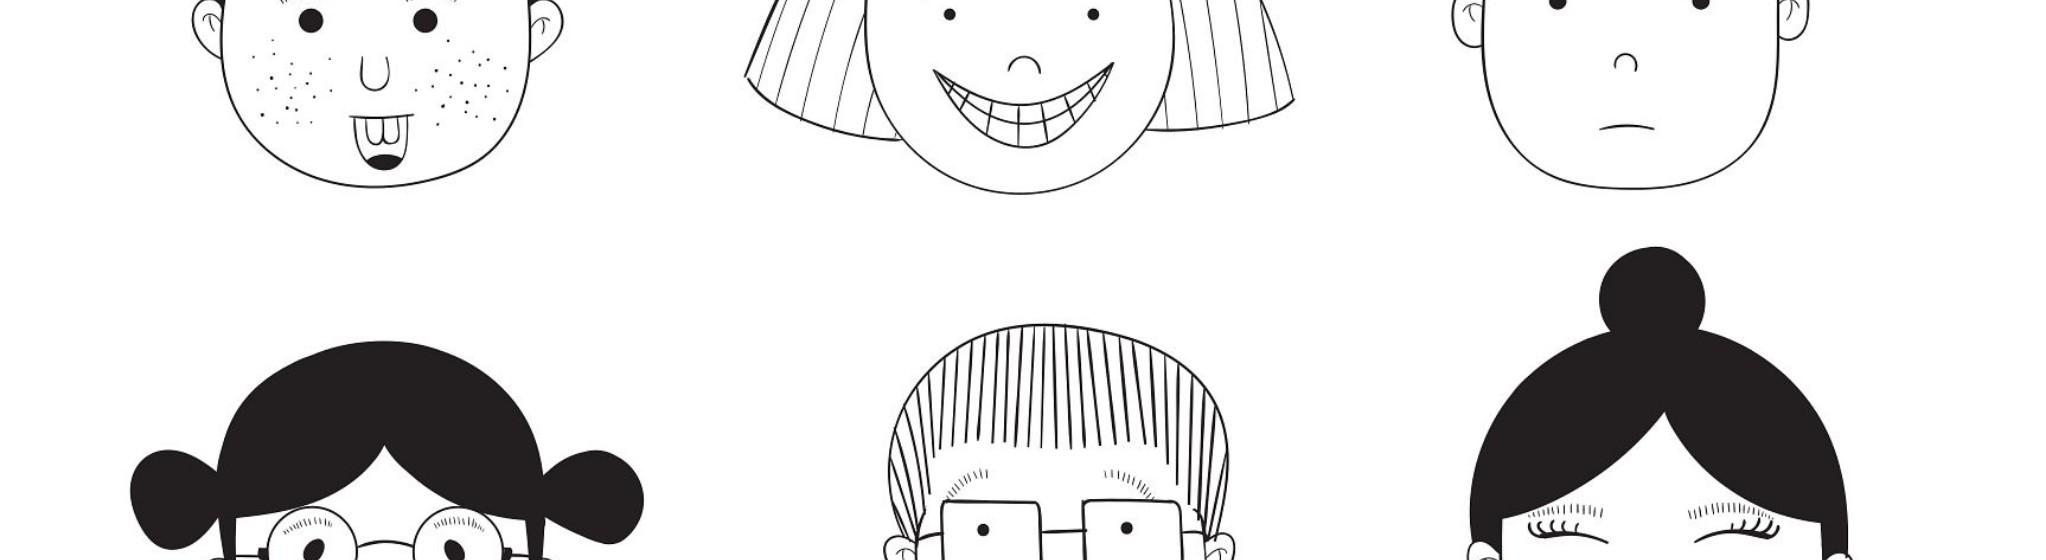 Actividades prácticas para conocer y reflexionar sobre los sistemas de reconocimiento facial con Scratch Lab Face Sensing